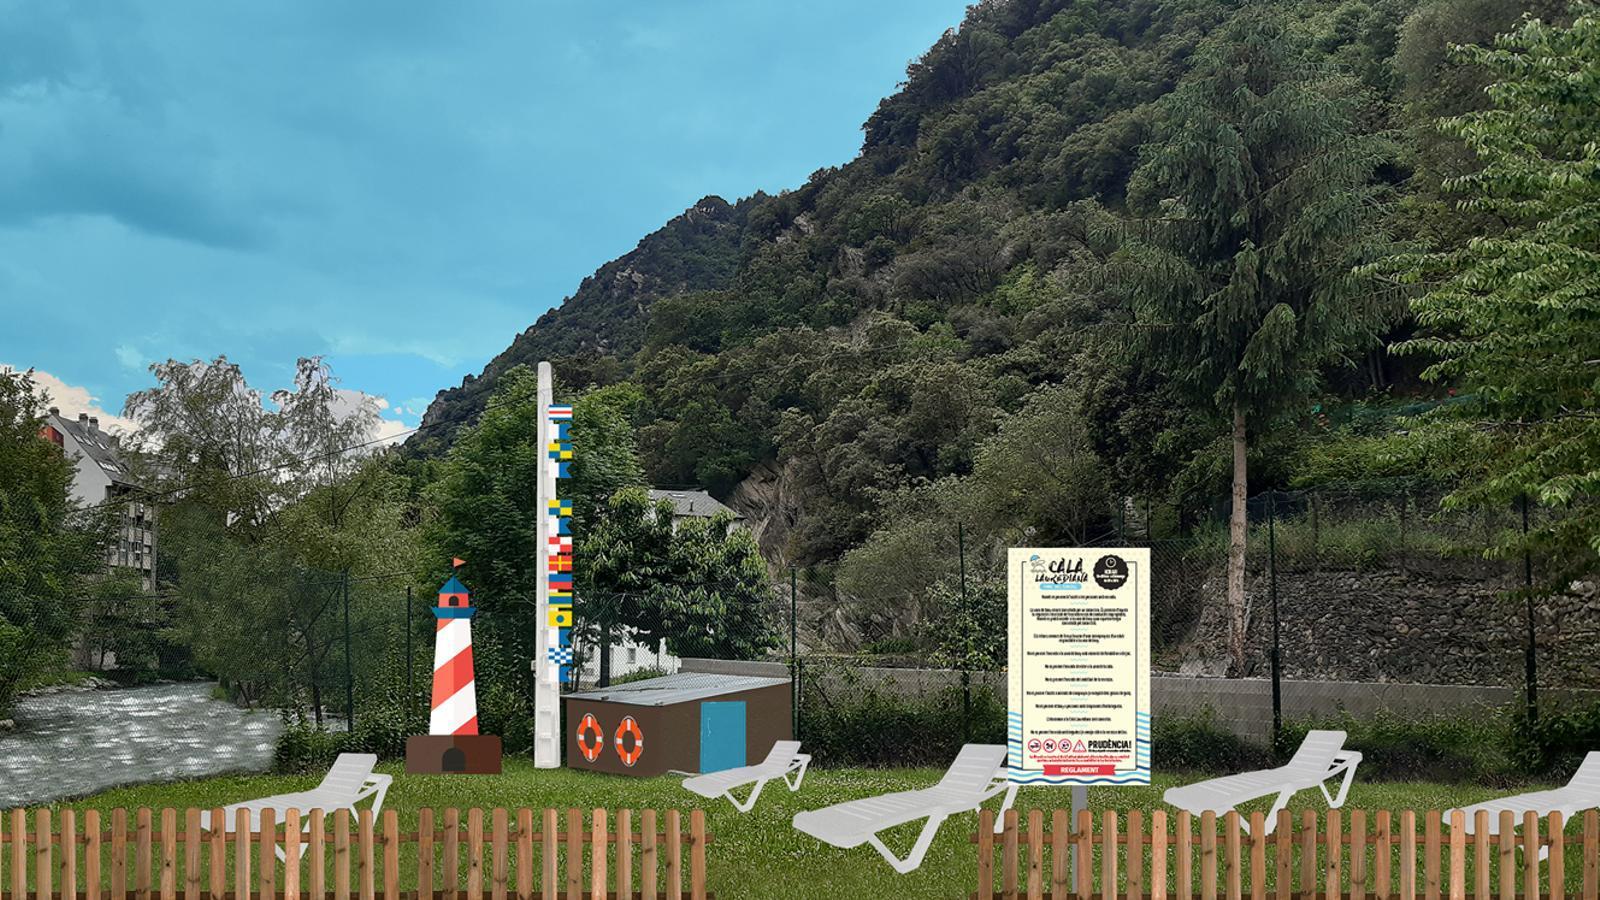 La platja fluvial que estrenarà Sant Julià de Lòria a finals de juny. / COMÚ DE SANT JULIÀ